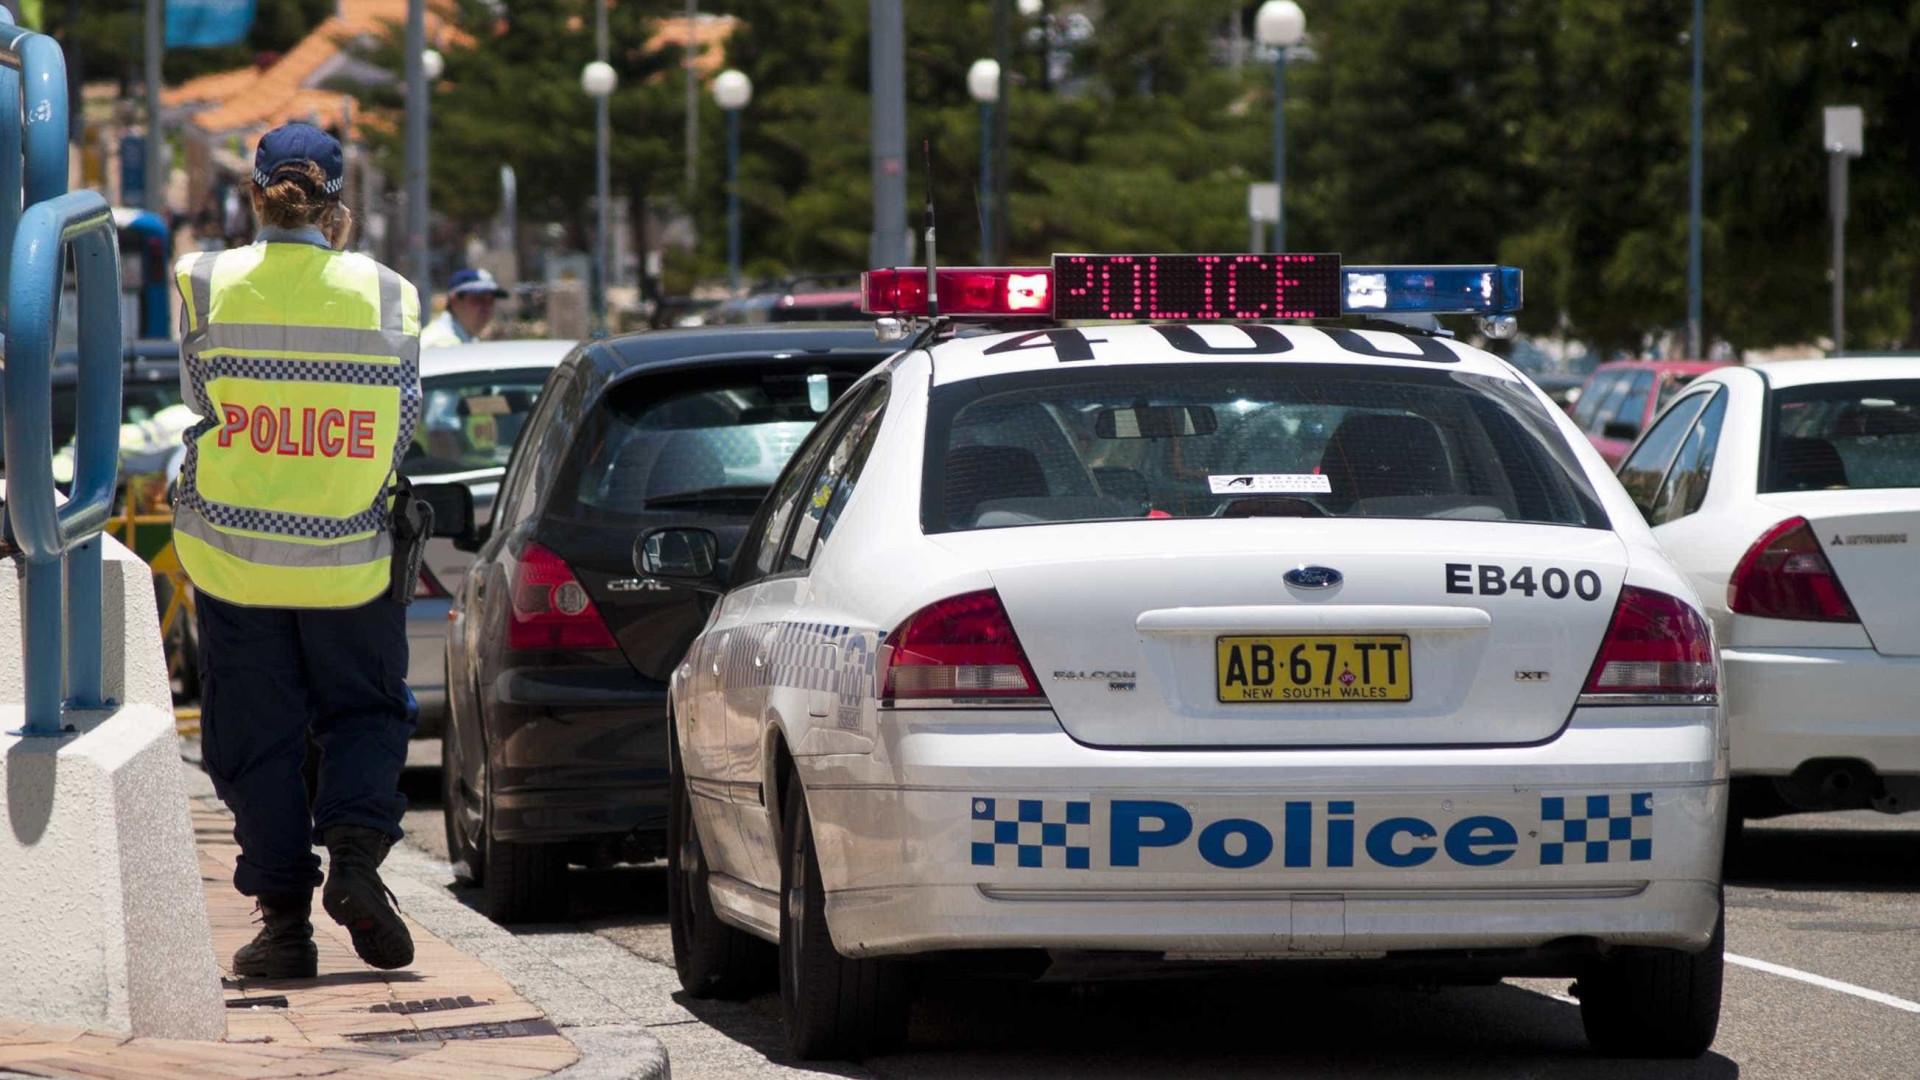 Encontrados cinco corpos em casa na Austrália